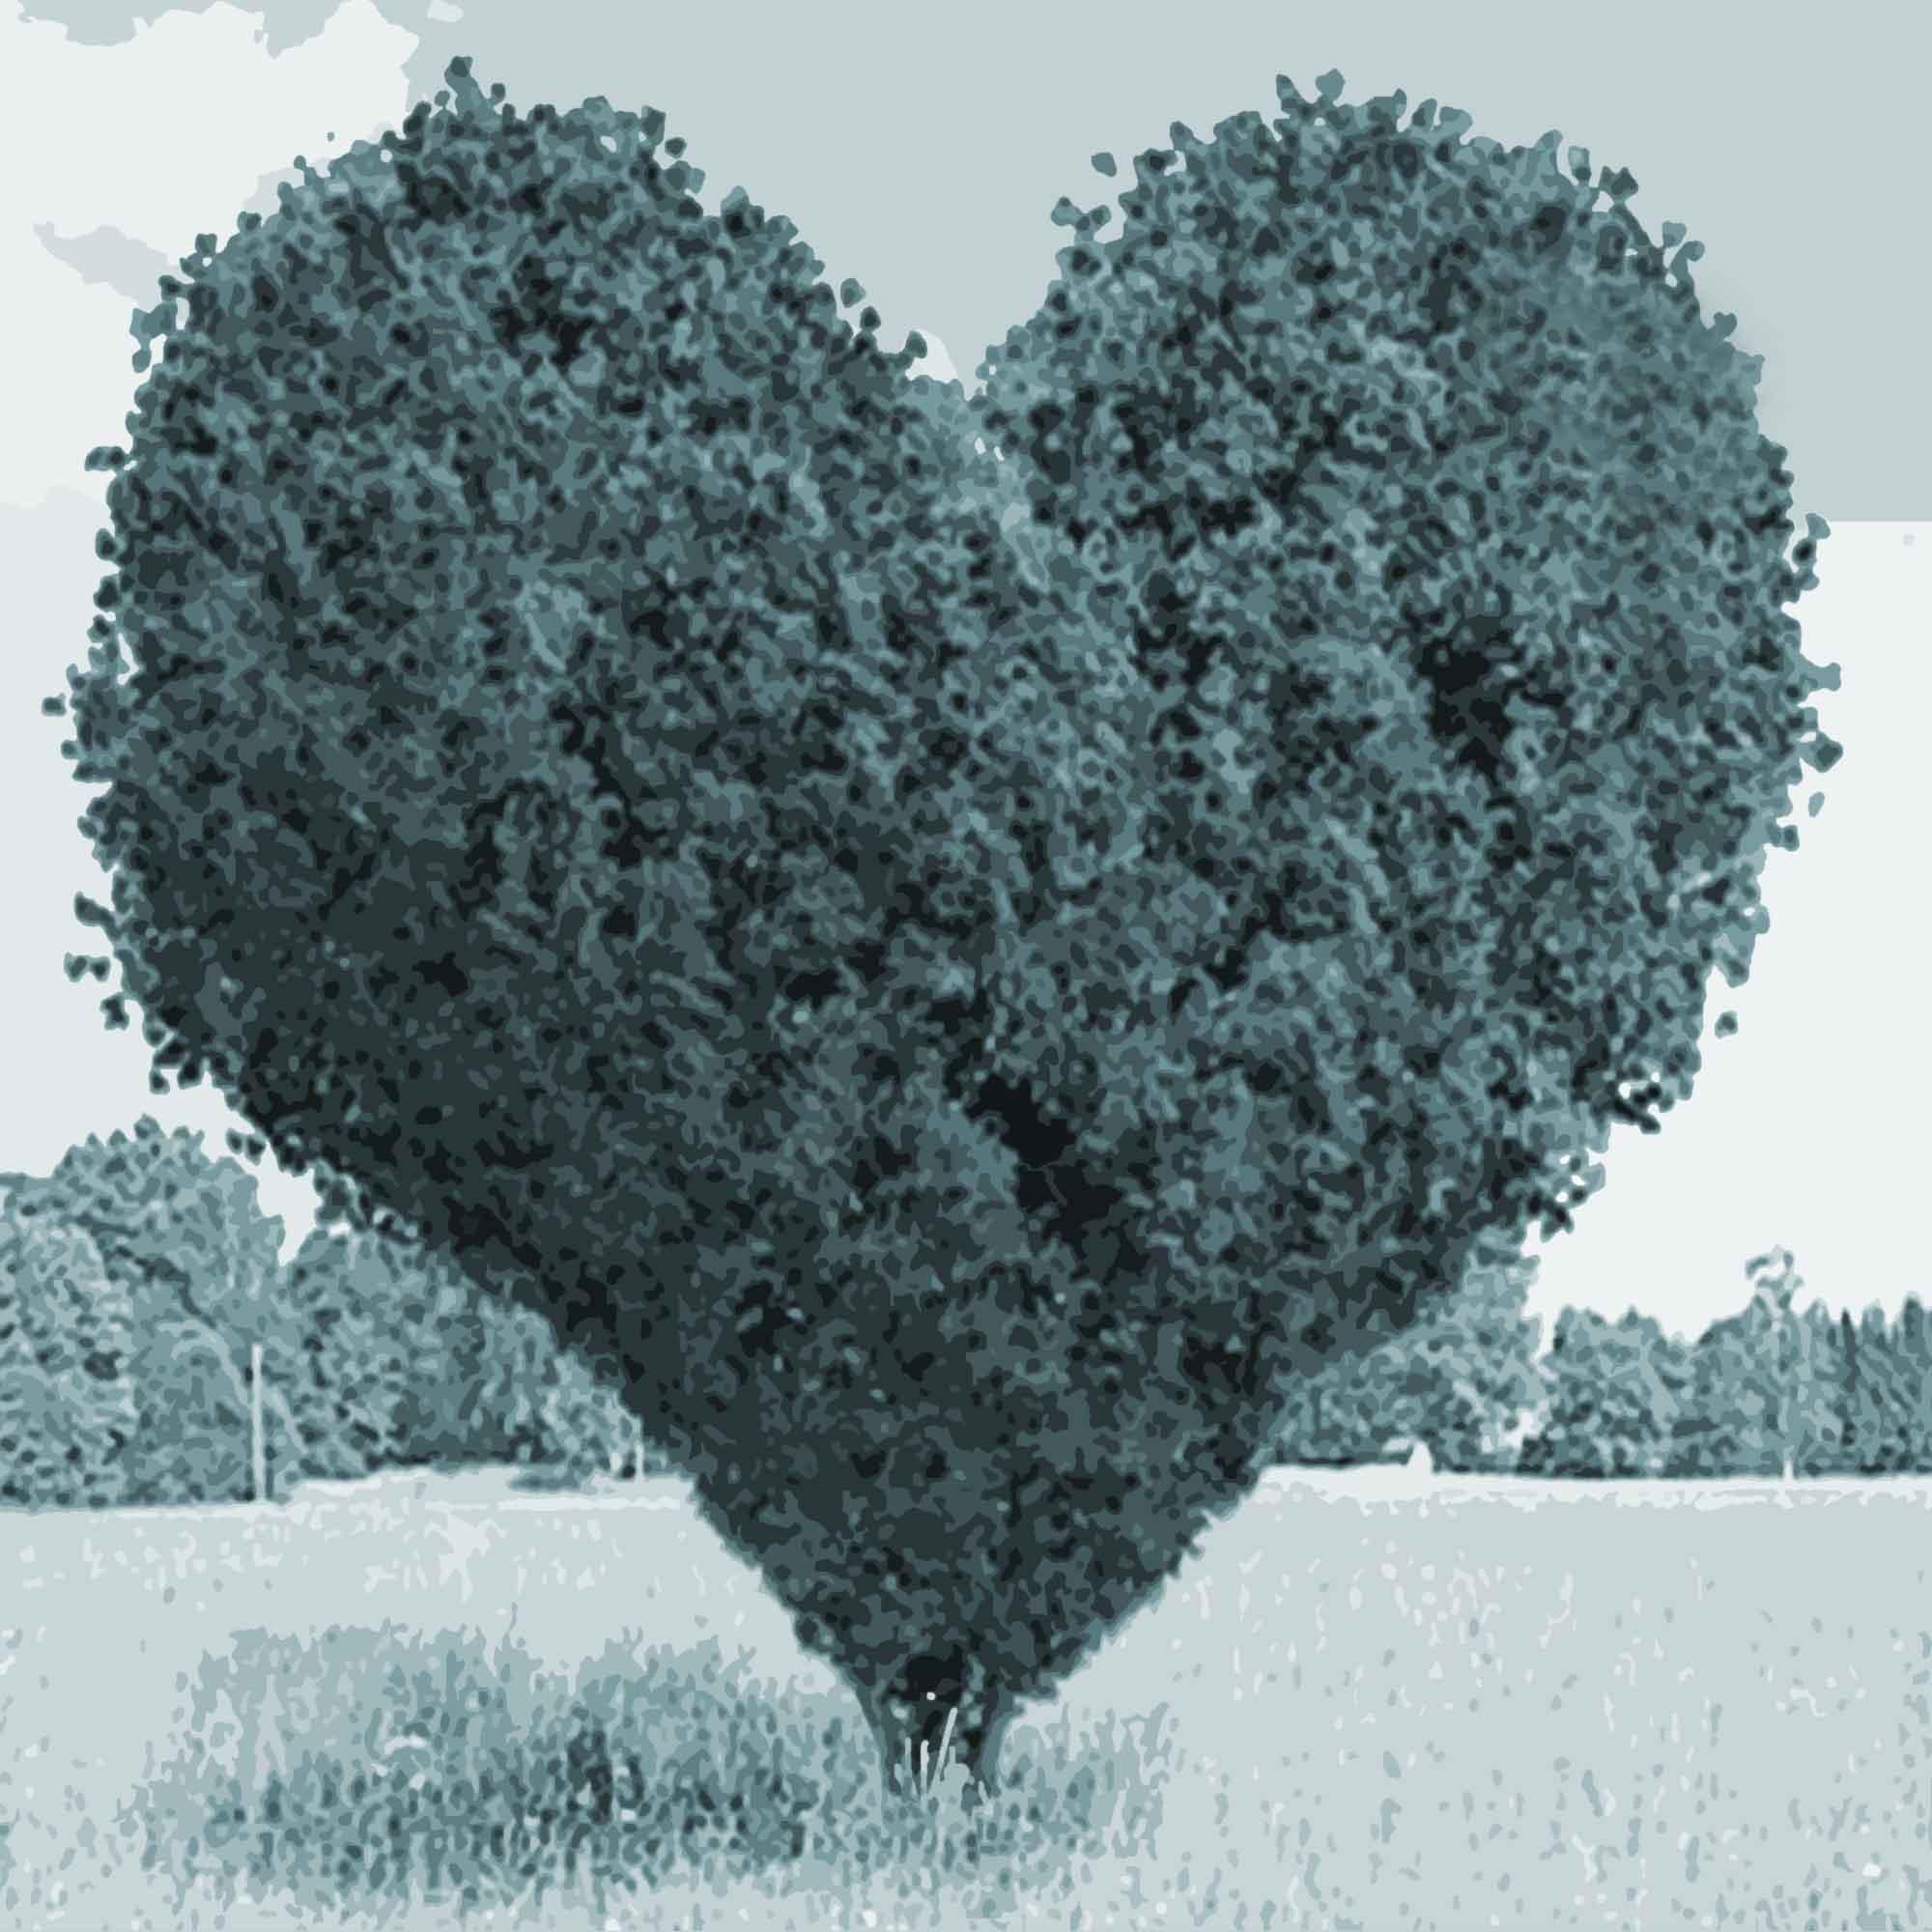 Emotionale Mitarbeiterbindung: Arbeitgeberattraktivität auf der emotionalen Ebene